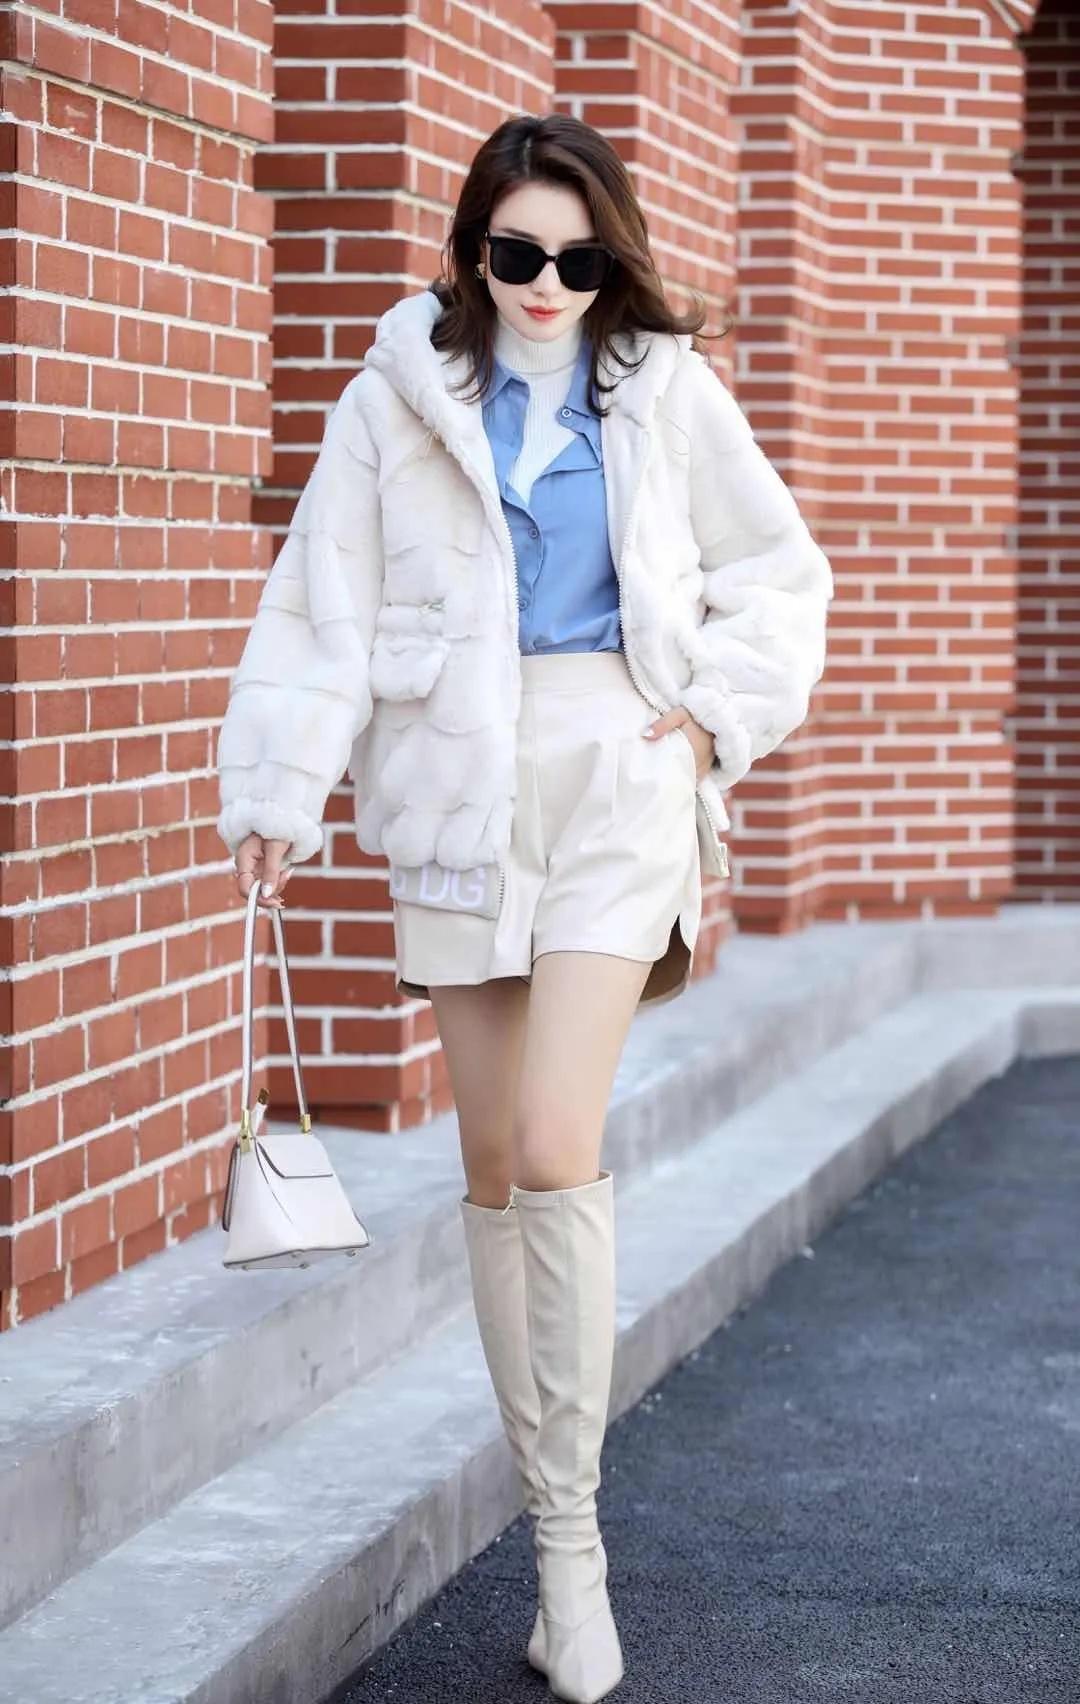 轻奢外套丹麦貂绒大衣女外套2021新款冬季中长款妈妈装一体时尚气质厚 商场货源供应示例图8